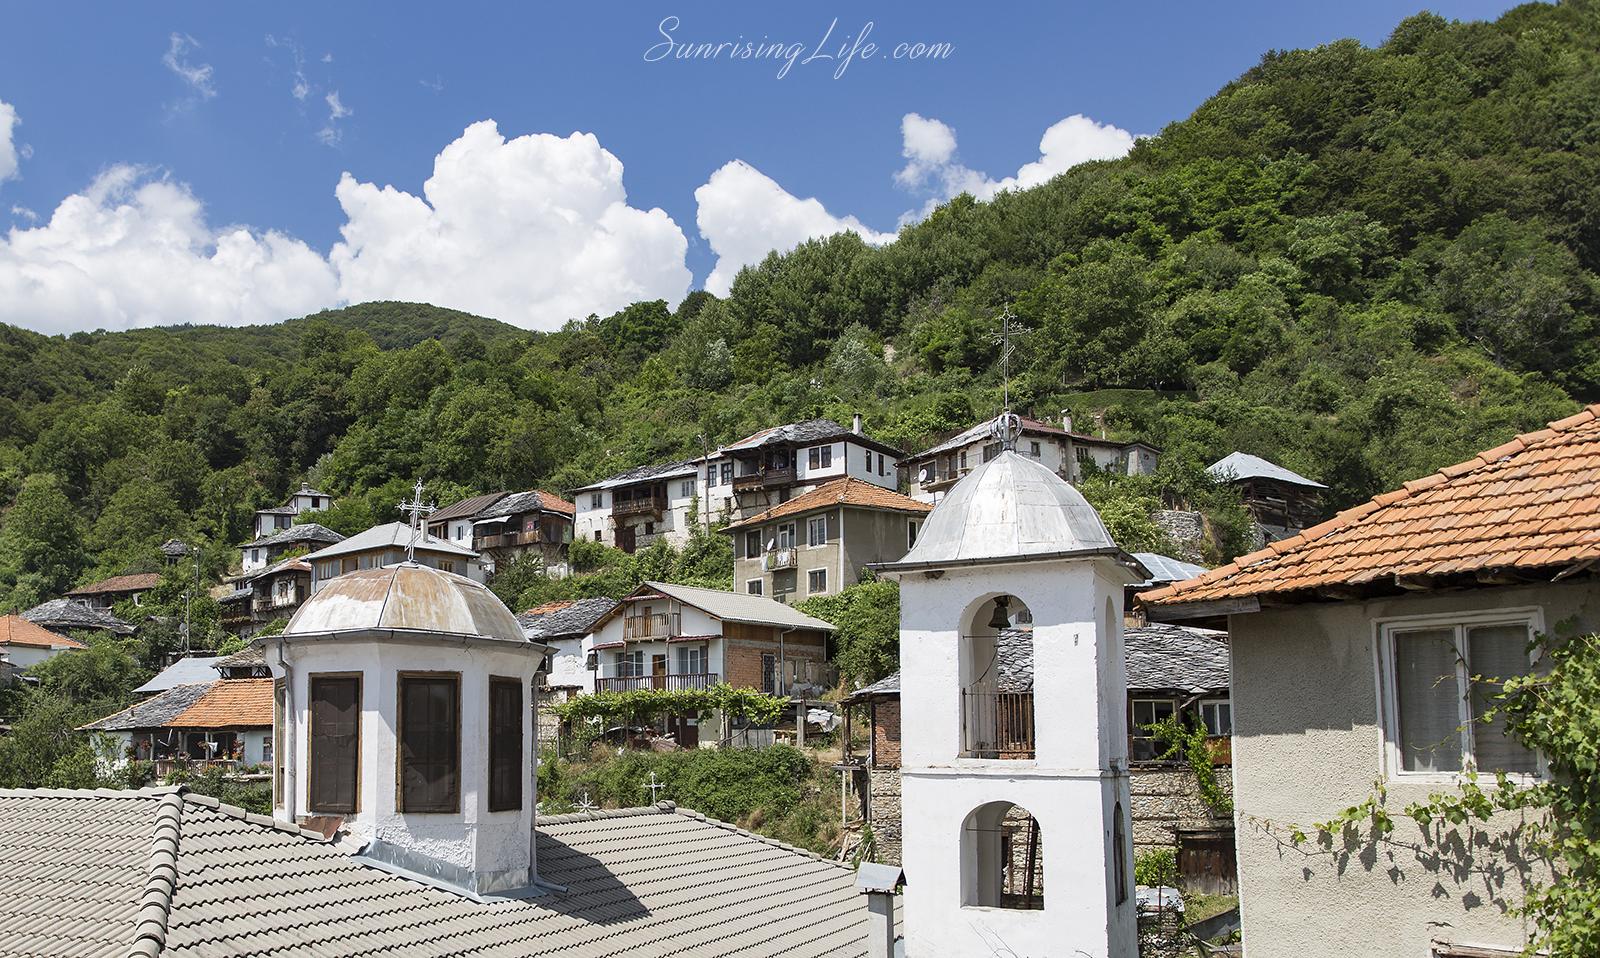 Село Делчево